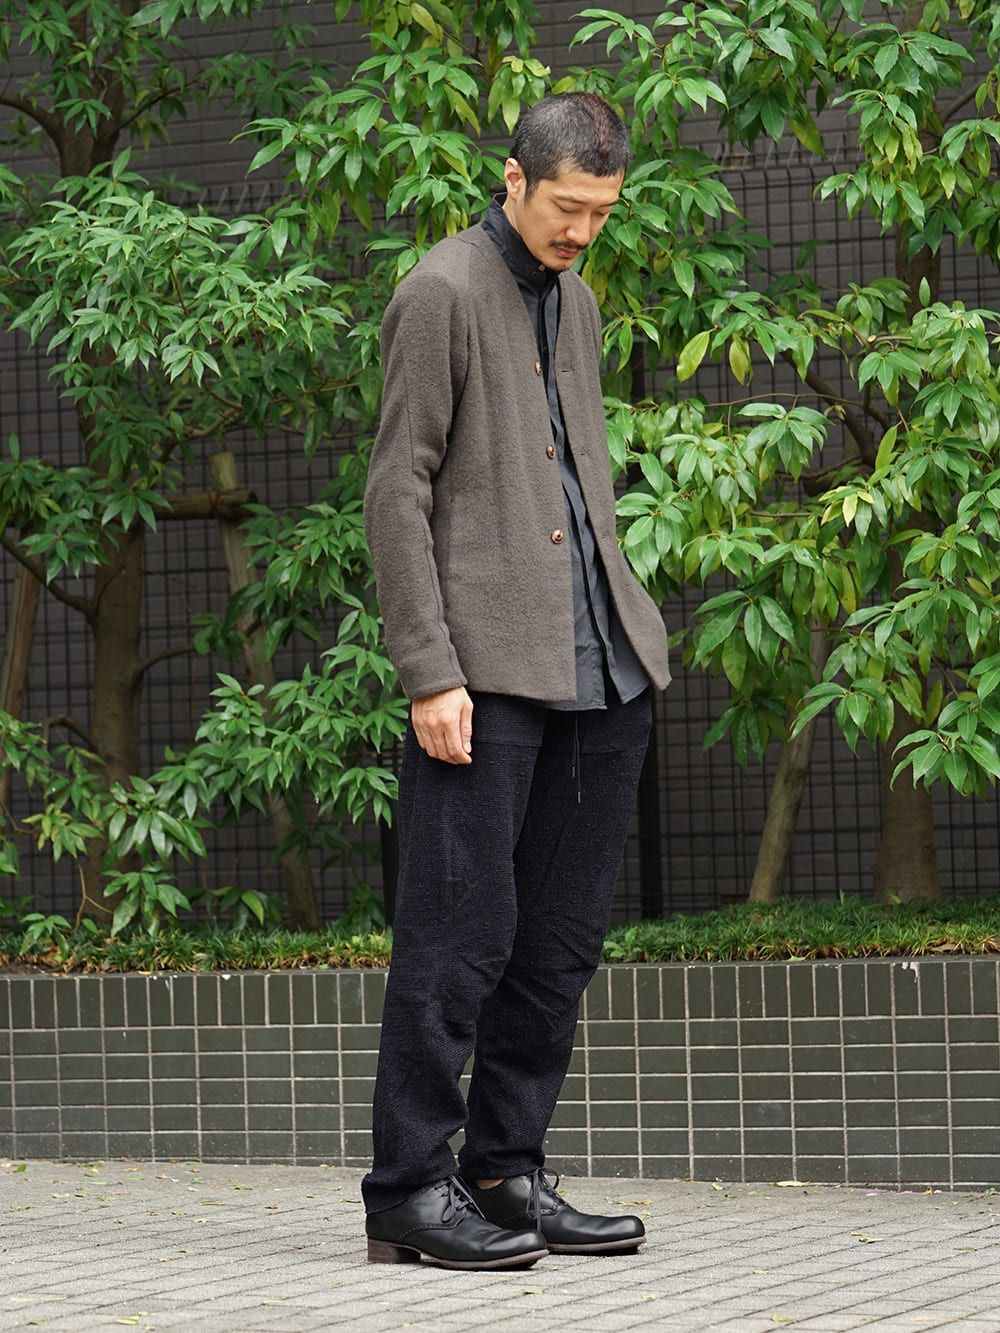 DEVOA 18-19AW Camel / Linen Coat & Jacket style FW18-19-012